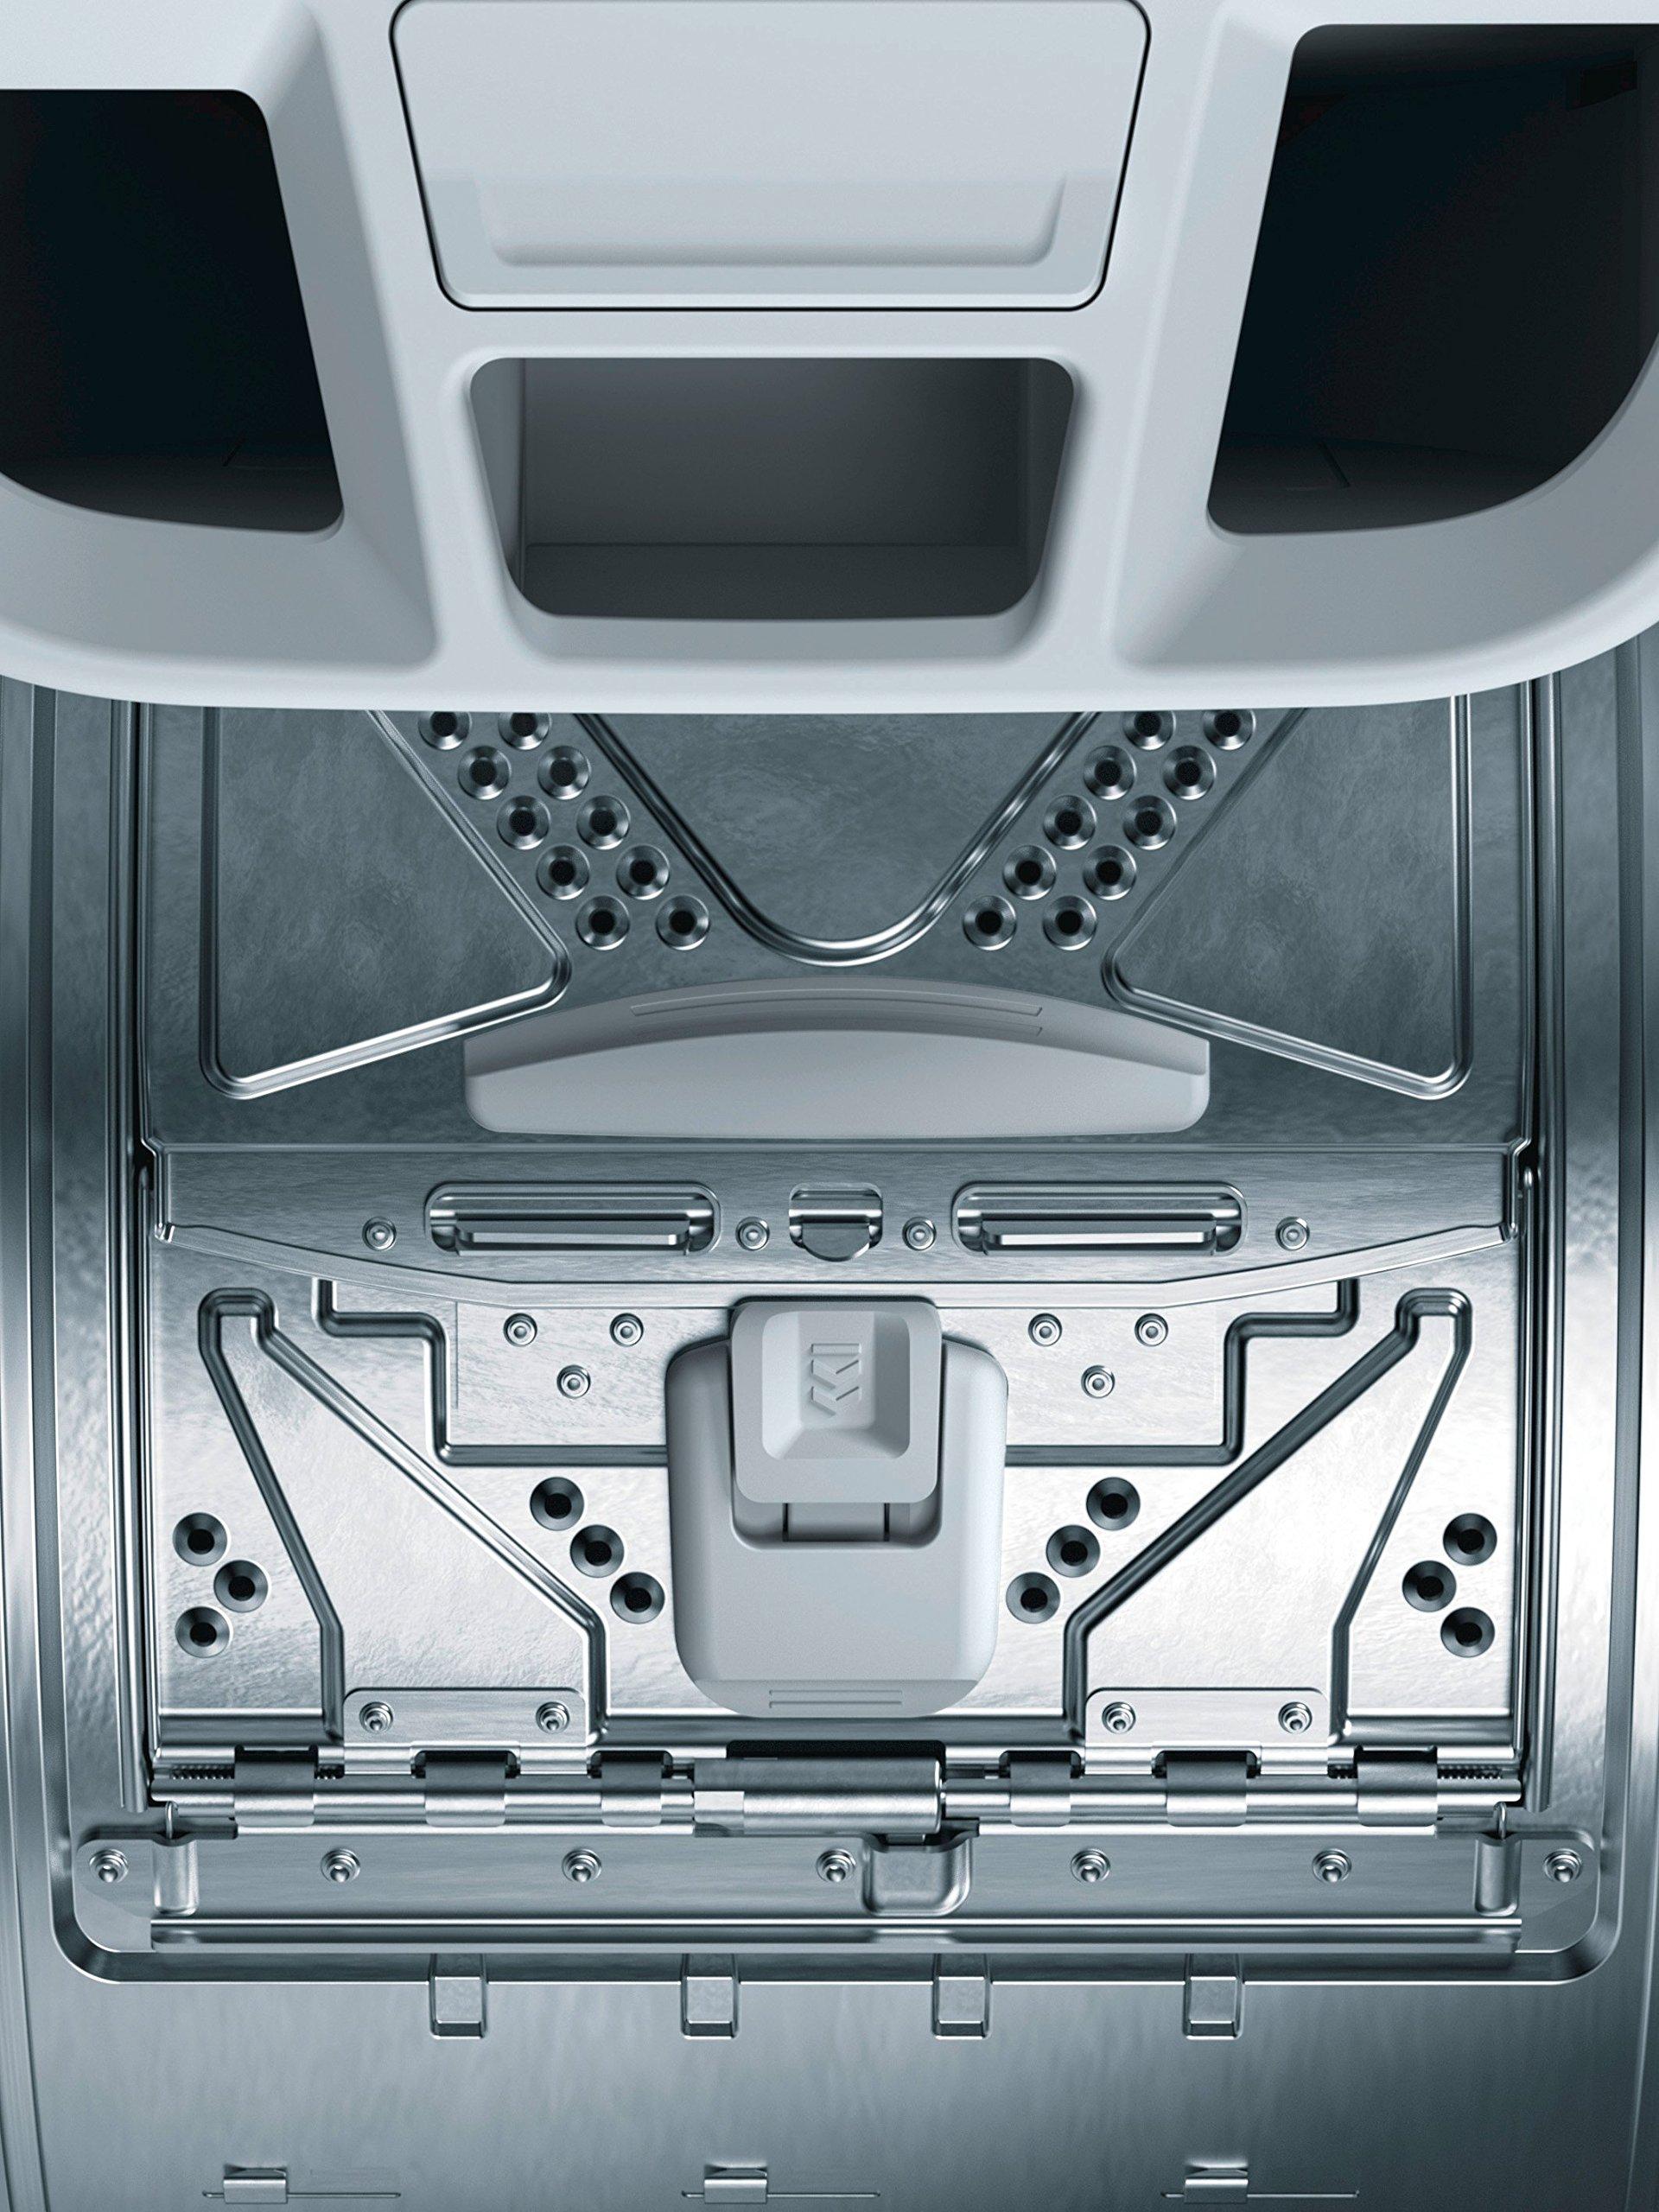 Bosch-WOT24227-Serie-4-Waschmaschine-TL-A-174-kWhJahr-1140-UpM-7-kg-wei-AllergiePlus-Programm